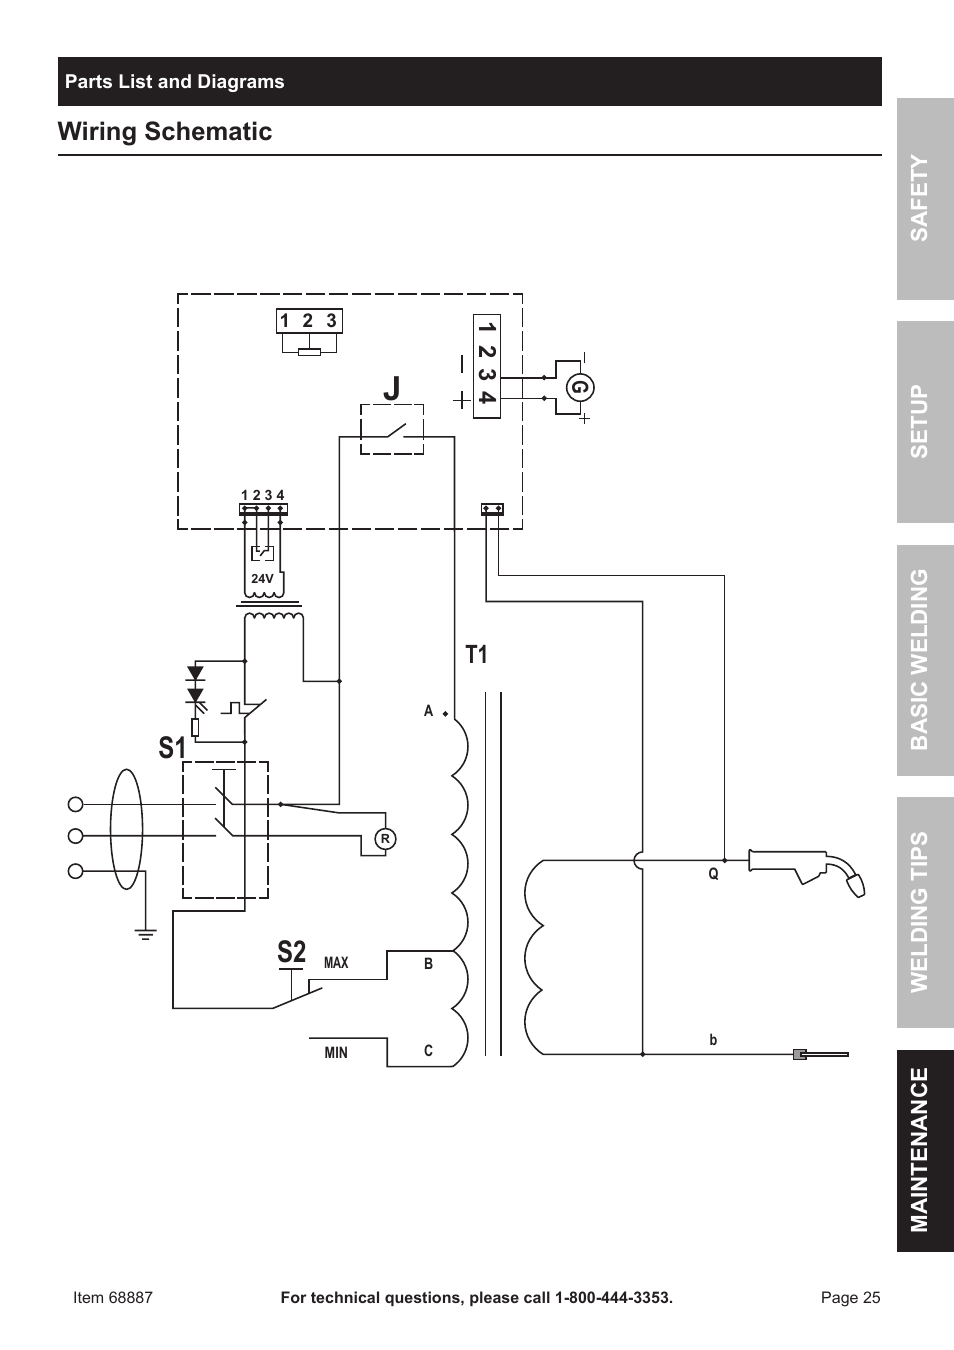 hight resolution of s2 s1 wiring schematic chicago electric 90 amp flux wire welder lincoln 225 welder wiring